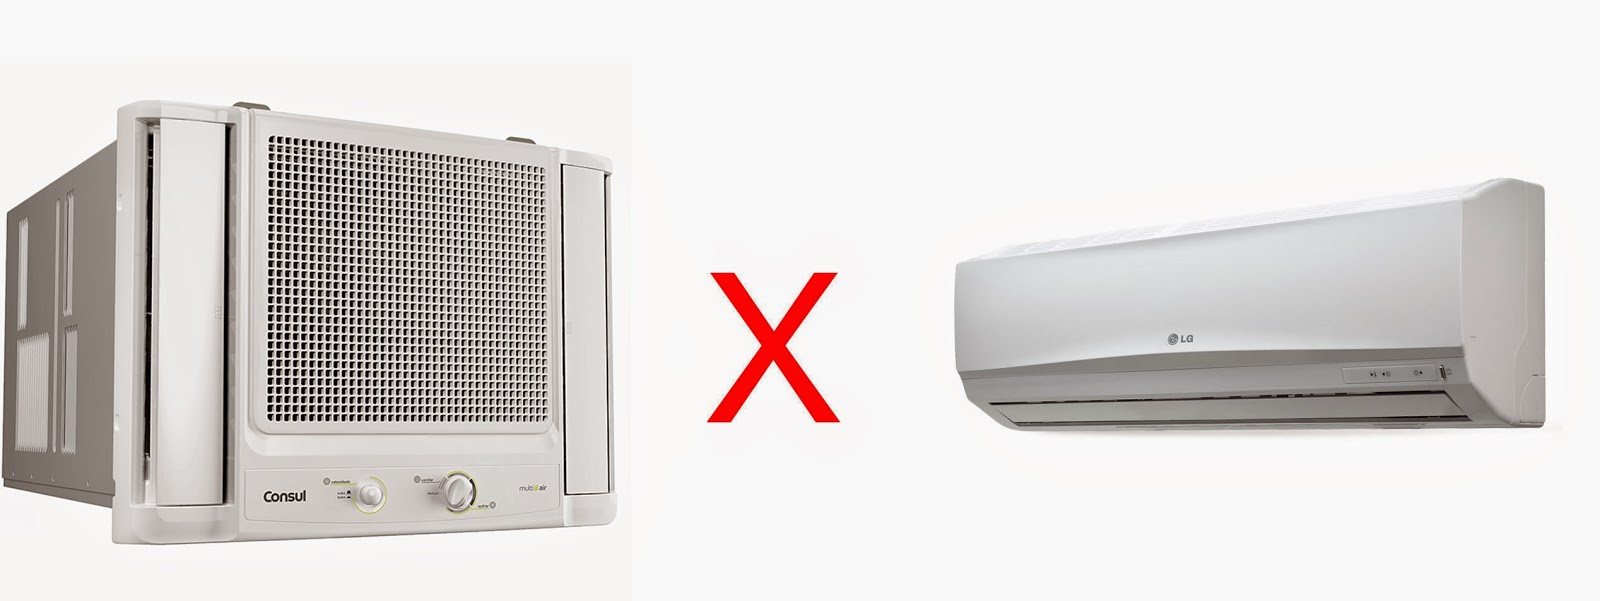 Economia: Ar condicionado do tipo de janela vs Ar condicionado do tipo Split